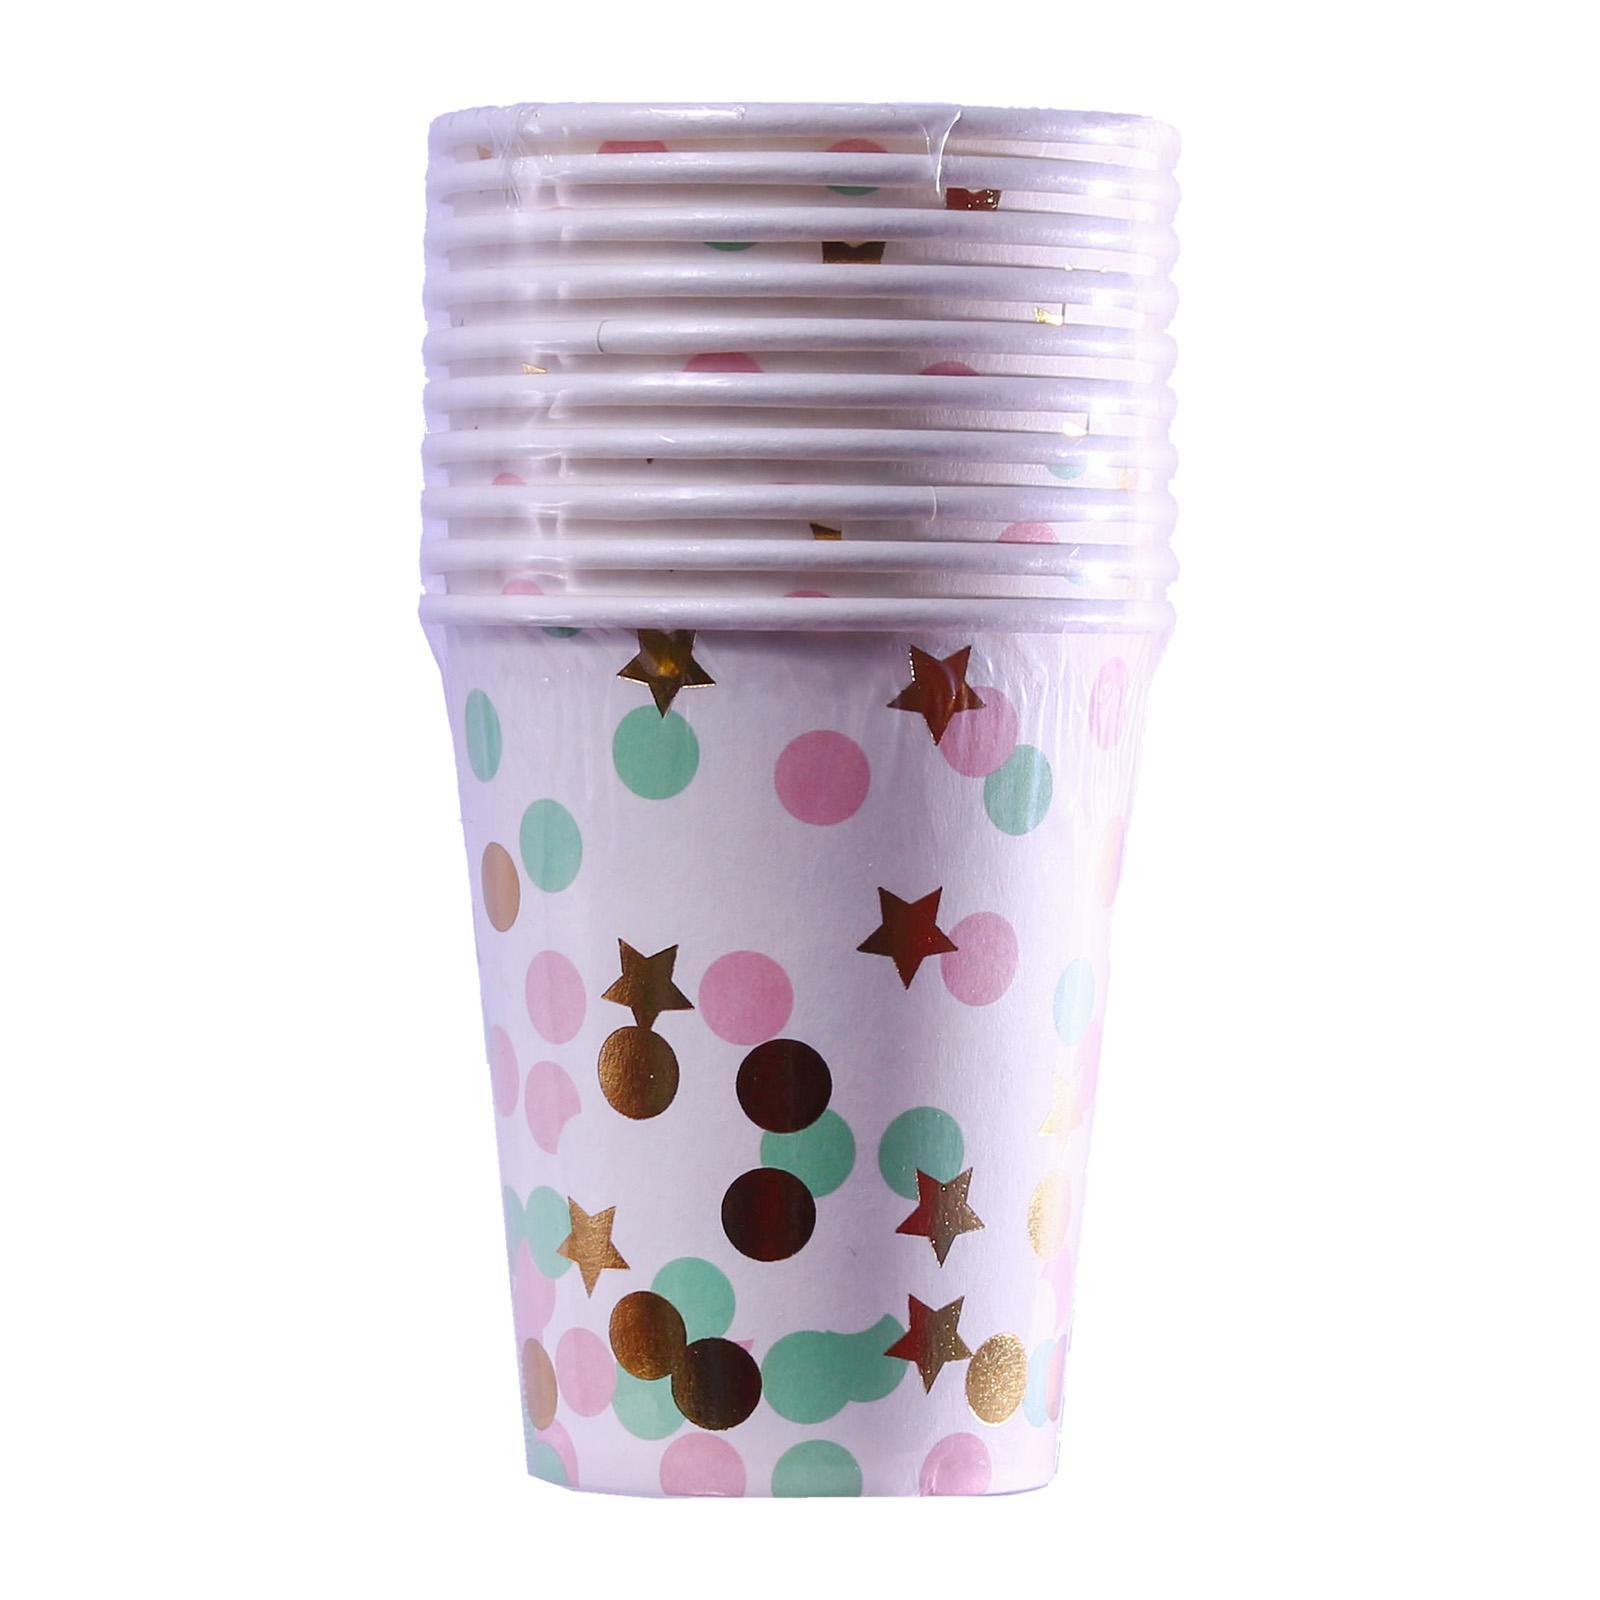 Partyforte 10 PCS Premium Disposable Paper Tableware - Colorful Cups